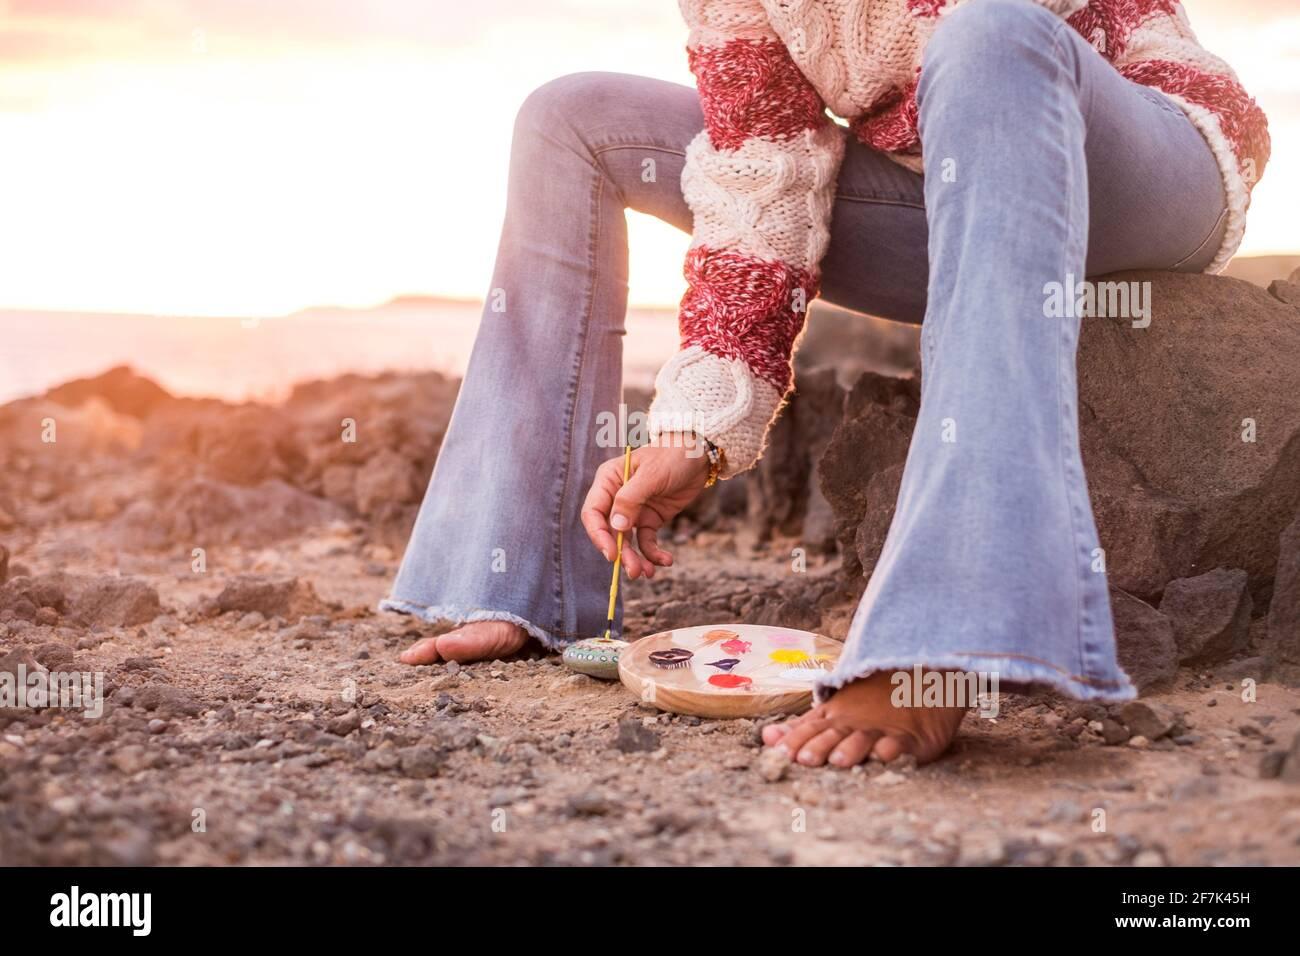 Personnes méconnaissables femme assise à l'extérieur dans la nature paimant un pierre - concept d'activités de loisirs artistiques en plein air et de liberté - couleurs et a Banque D'Images